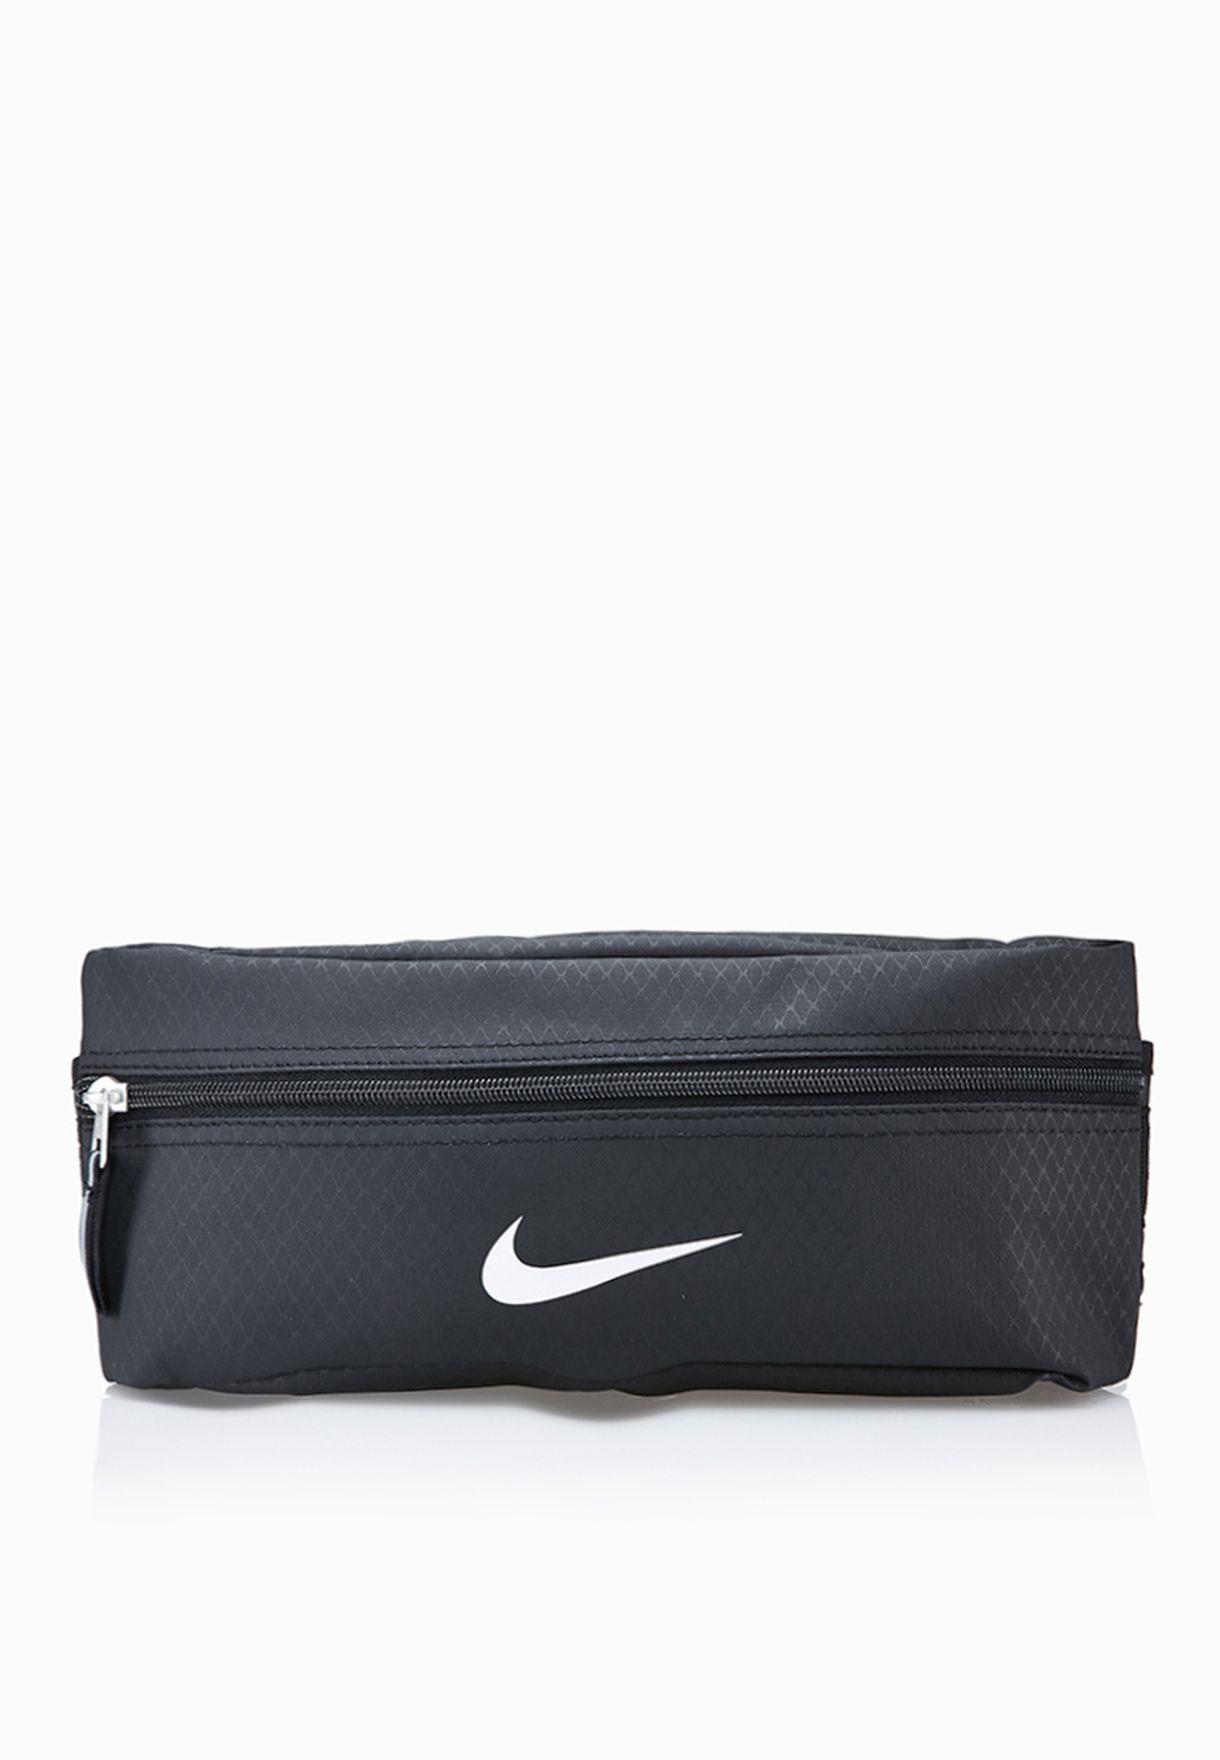 01e3b89fe8 Shop Nike black Team Training Waist Pack BA4925-001 for Men in UAE ...